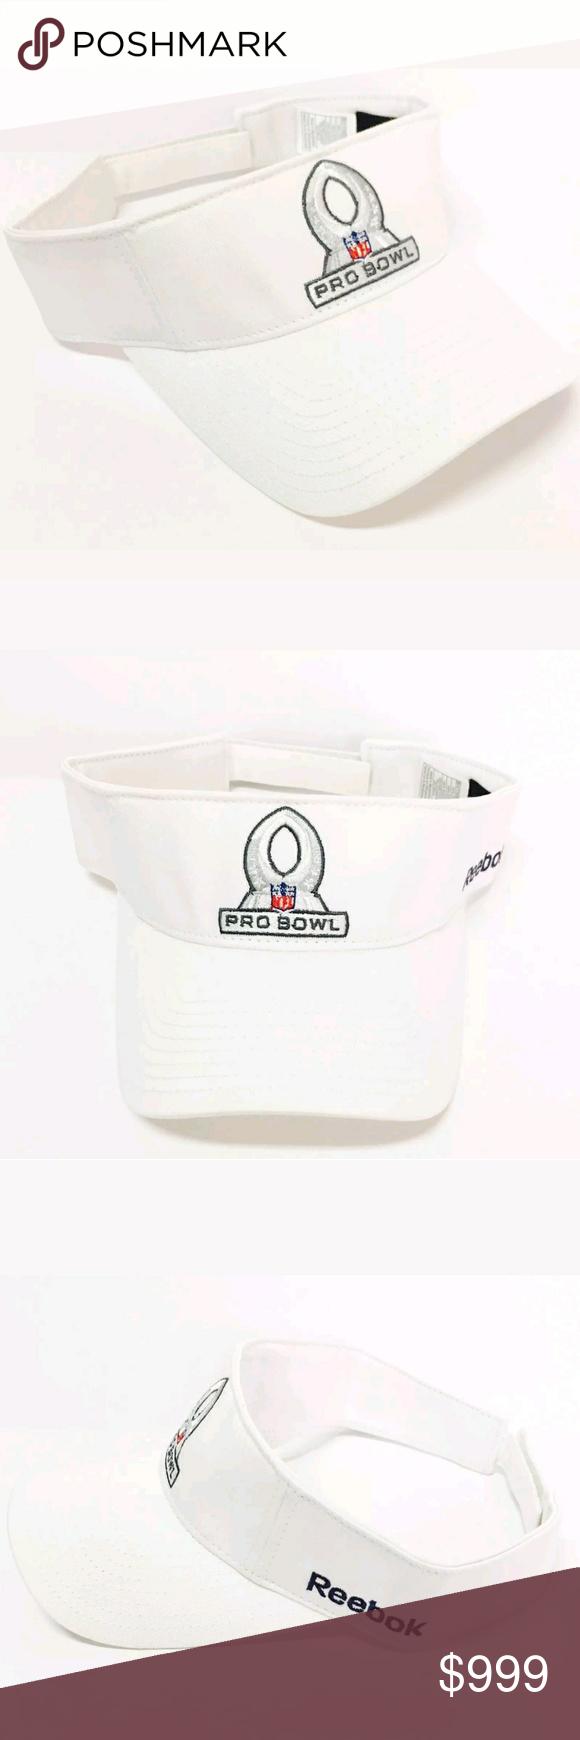 🆕 NFL Pro Bowl 2011 Trophy Visor Hat Cap NFL PRO BOWL 2011 Trophy ... 36afe36ab